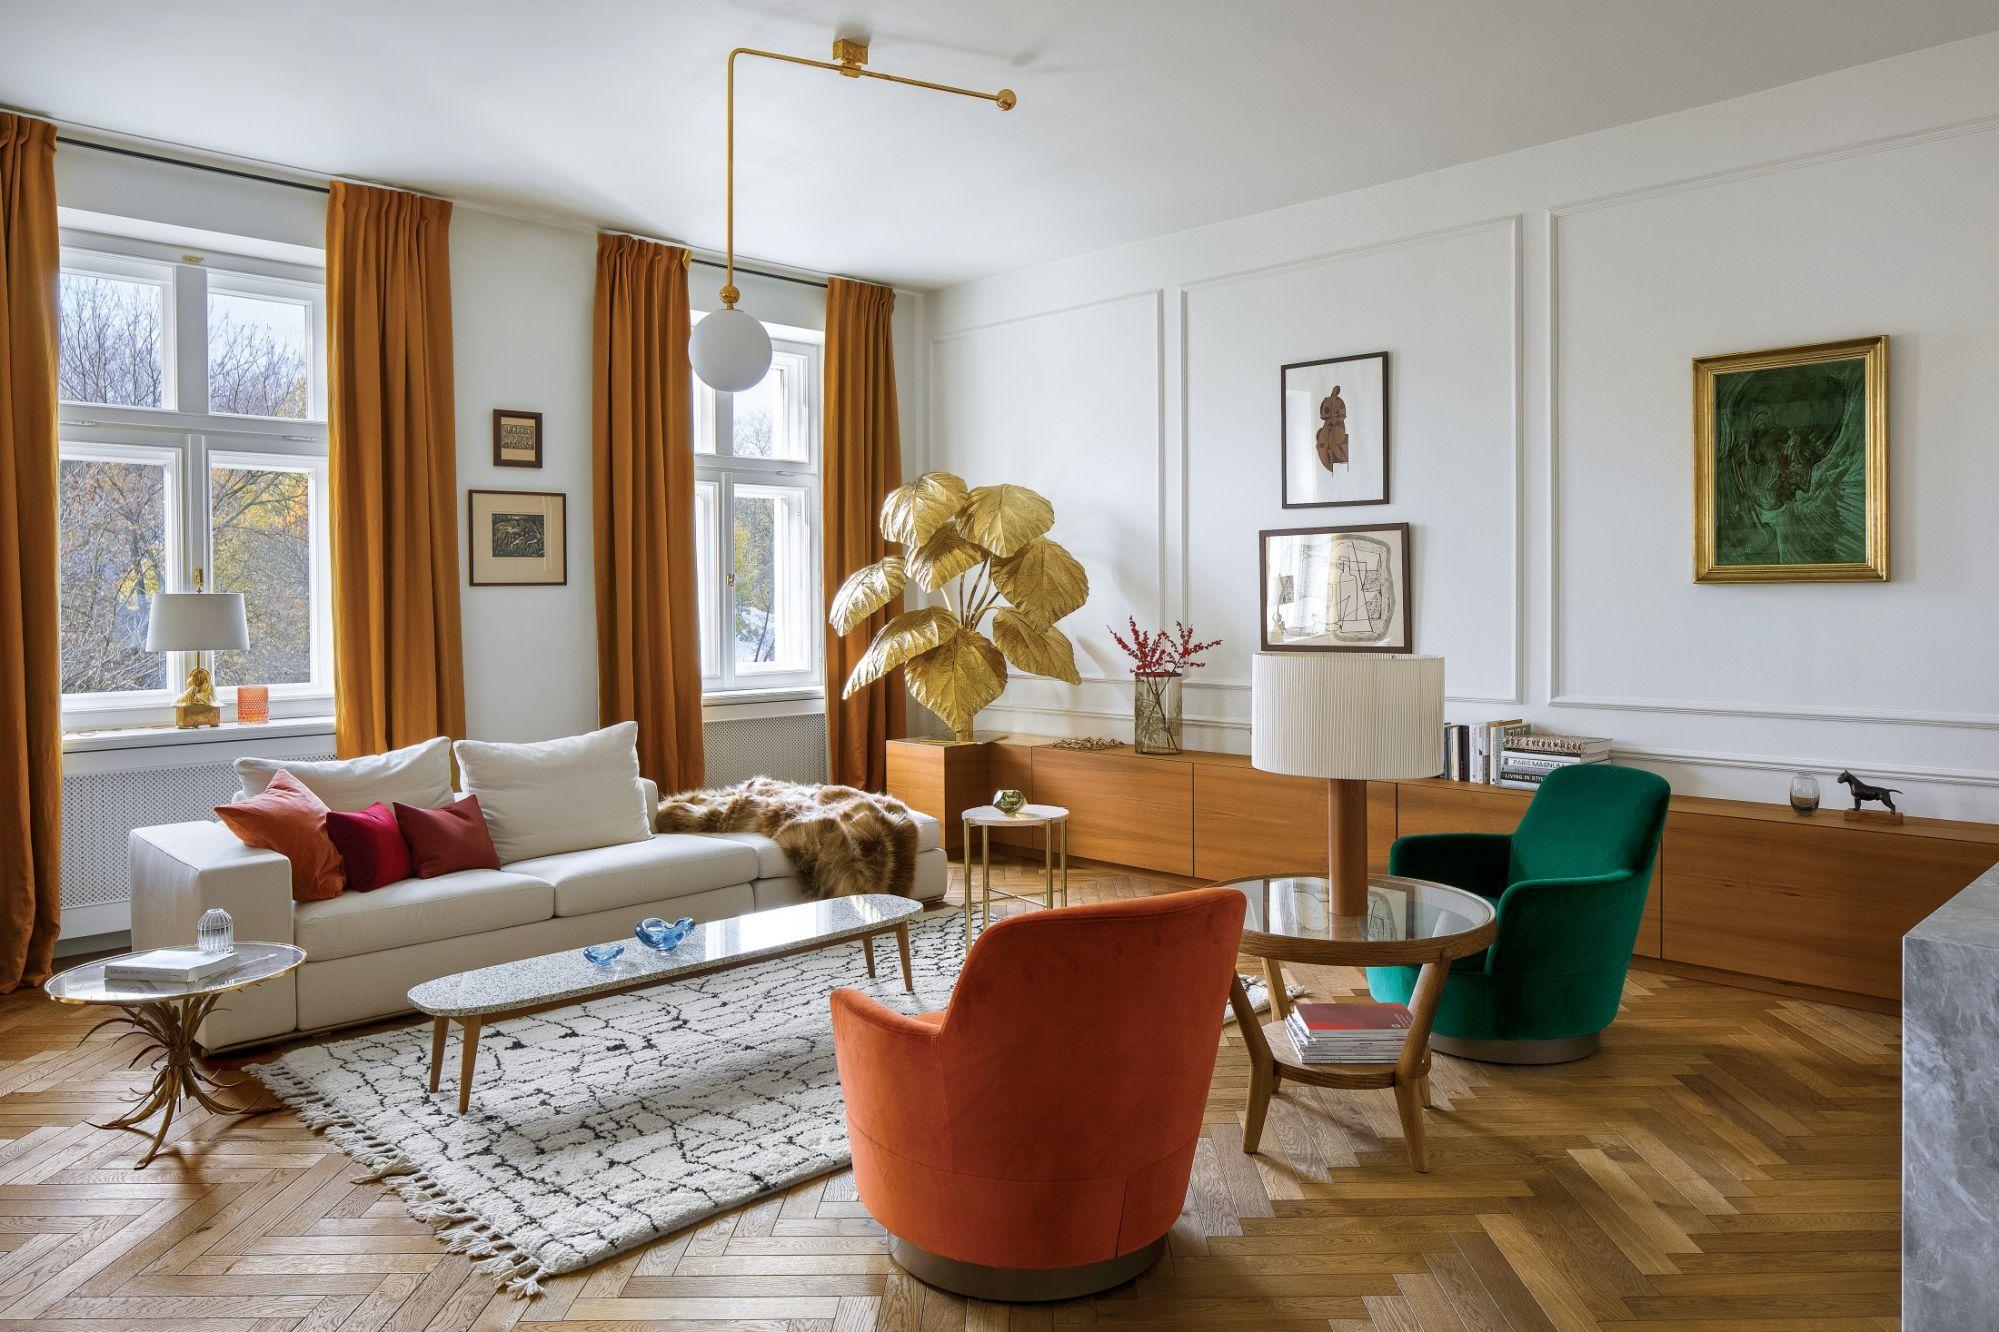 salon w stylu vintage aranżacje zdjęcia